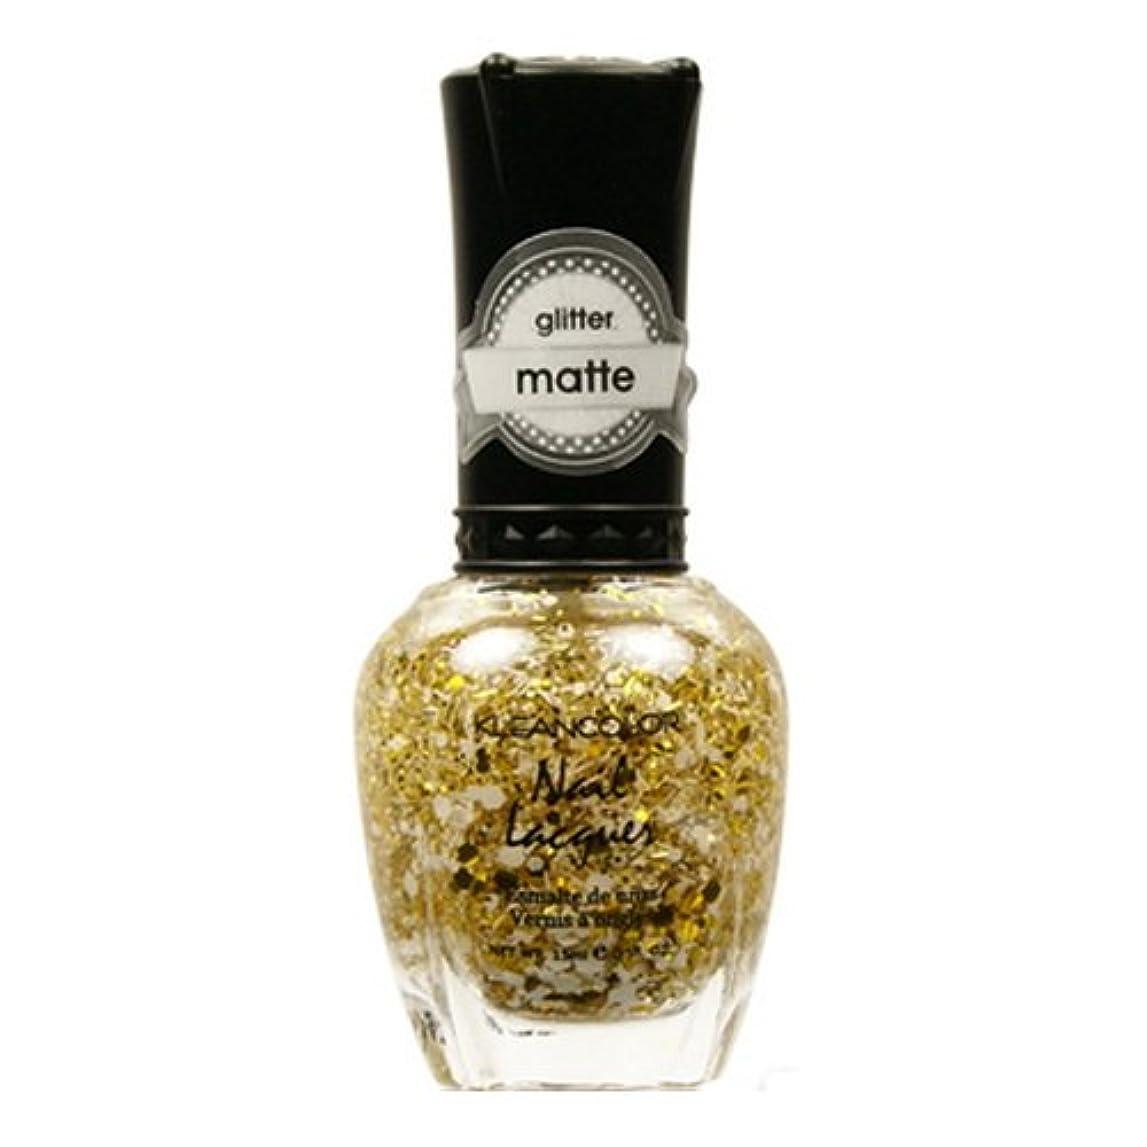 暴力的な感じインテリア(3 Pack) KLEANCOLOR Glitter Matte Nail Lacquer - Everyday is My Birthday (並行輸入品)